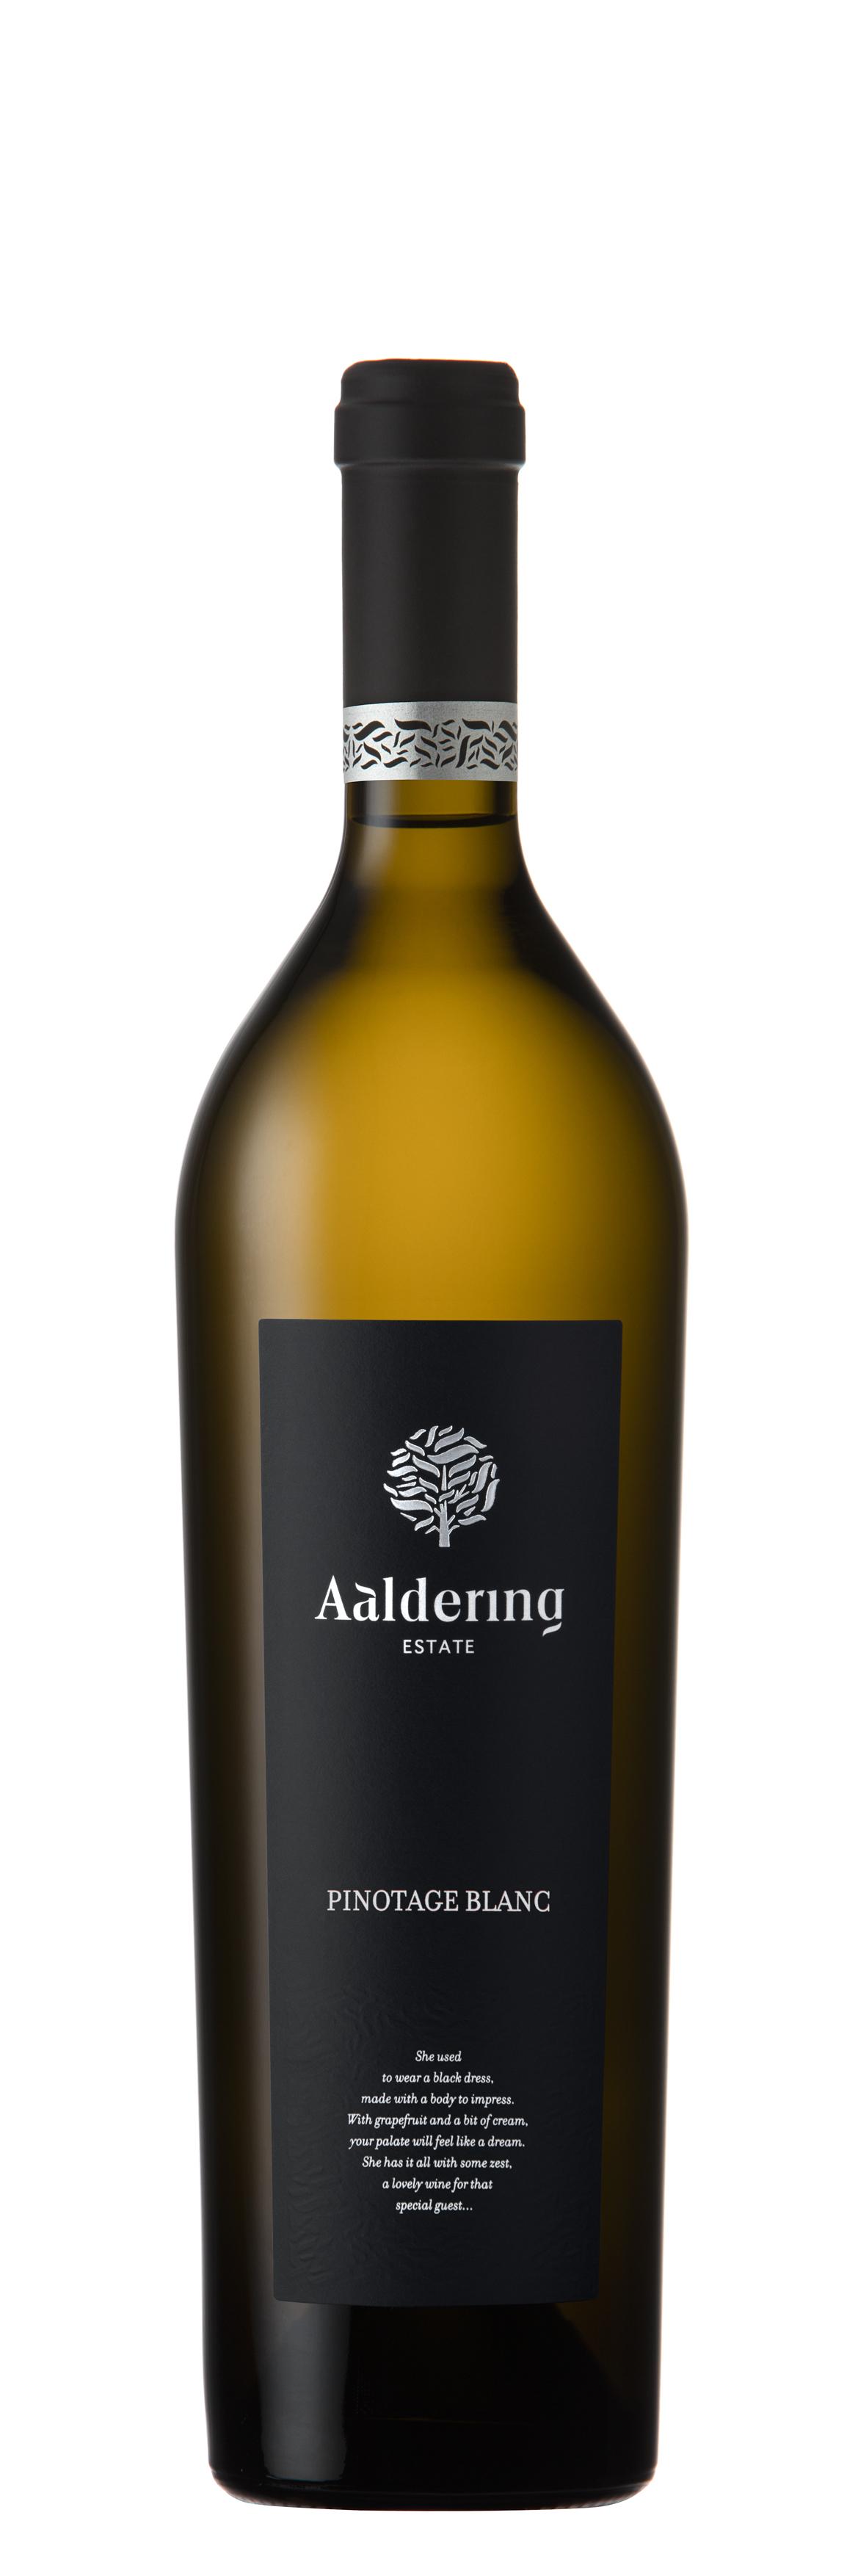 Aaldering Pinotage Blanc 2020